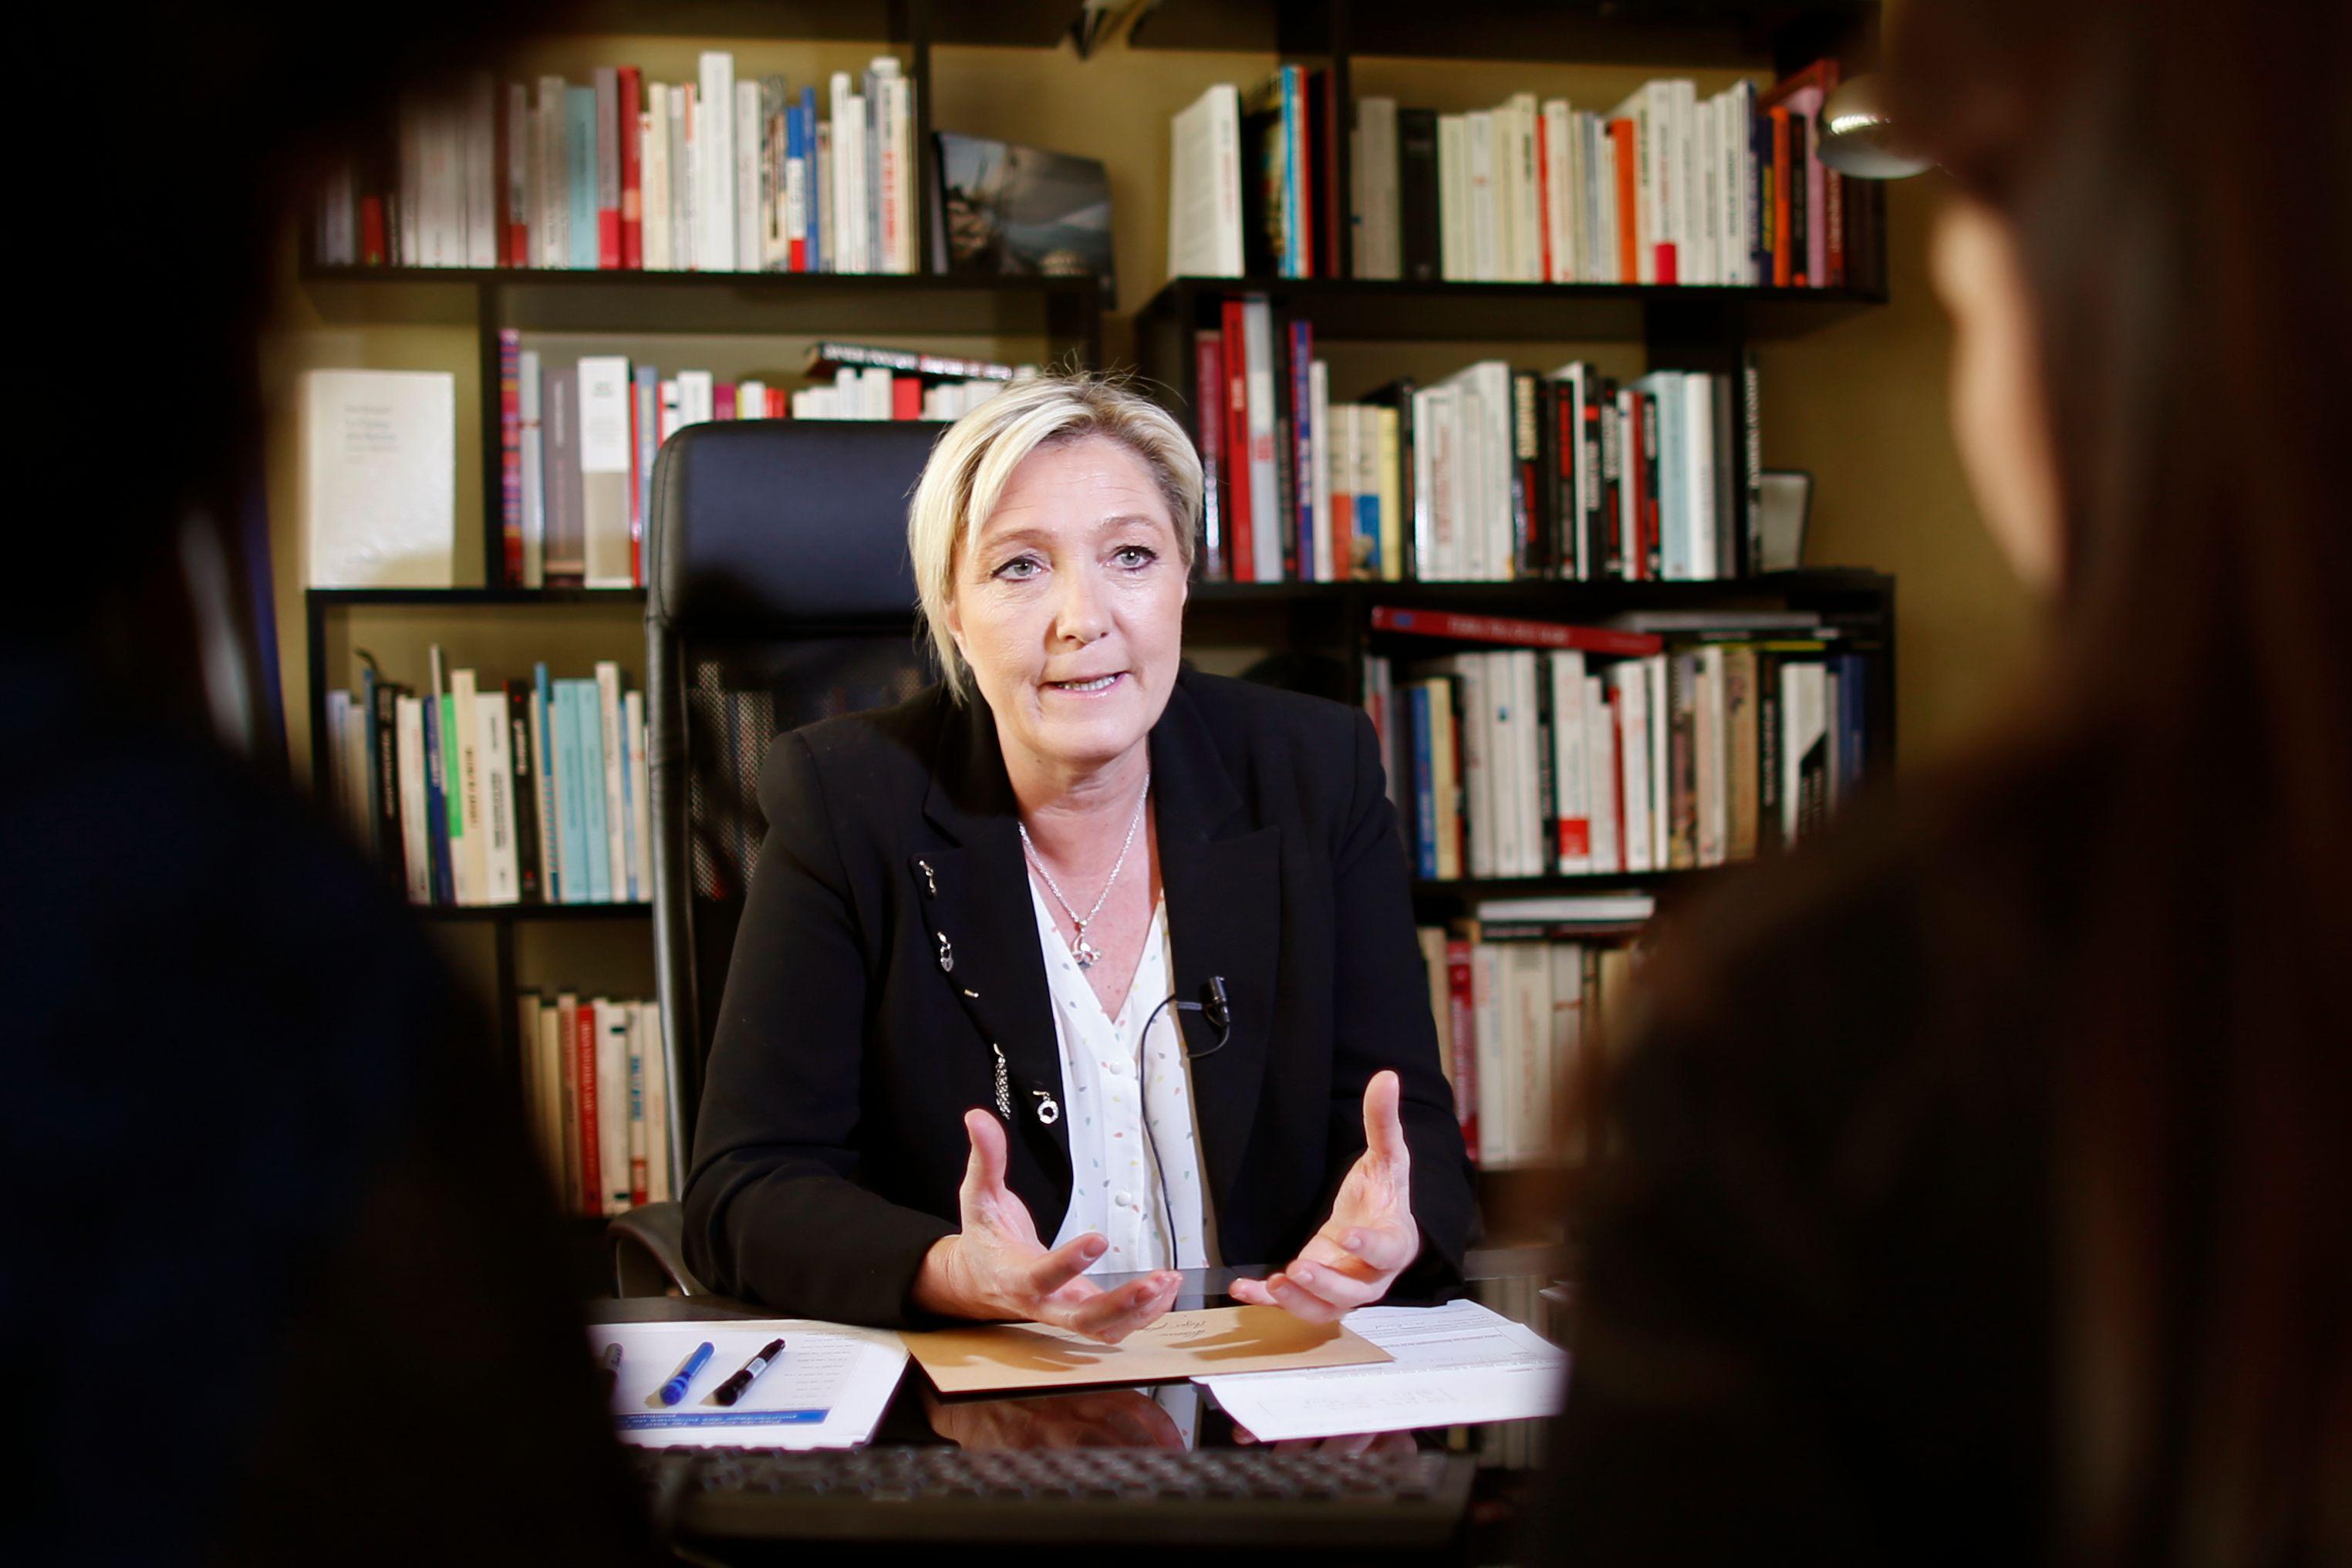 Régionales : large victoire de Marine Le Pen en Nord-Pas-de-Calais-Picardie selon un dernier sondage